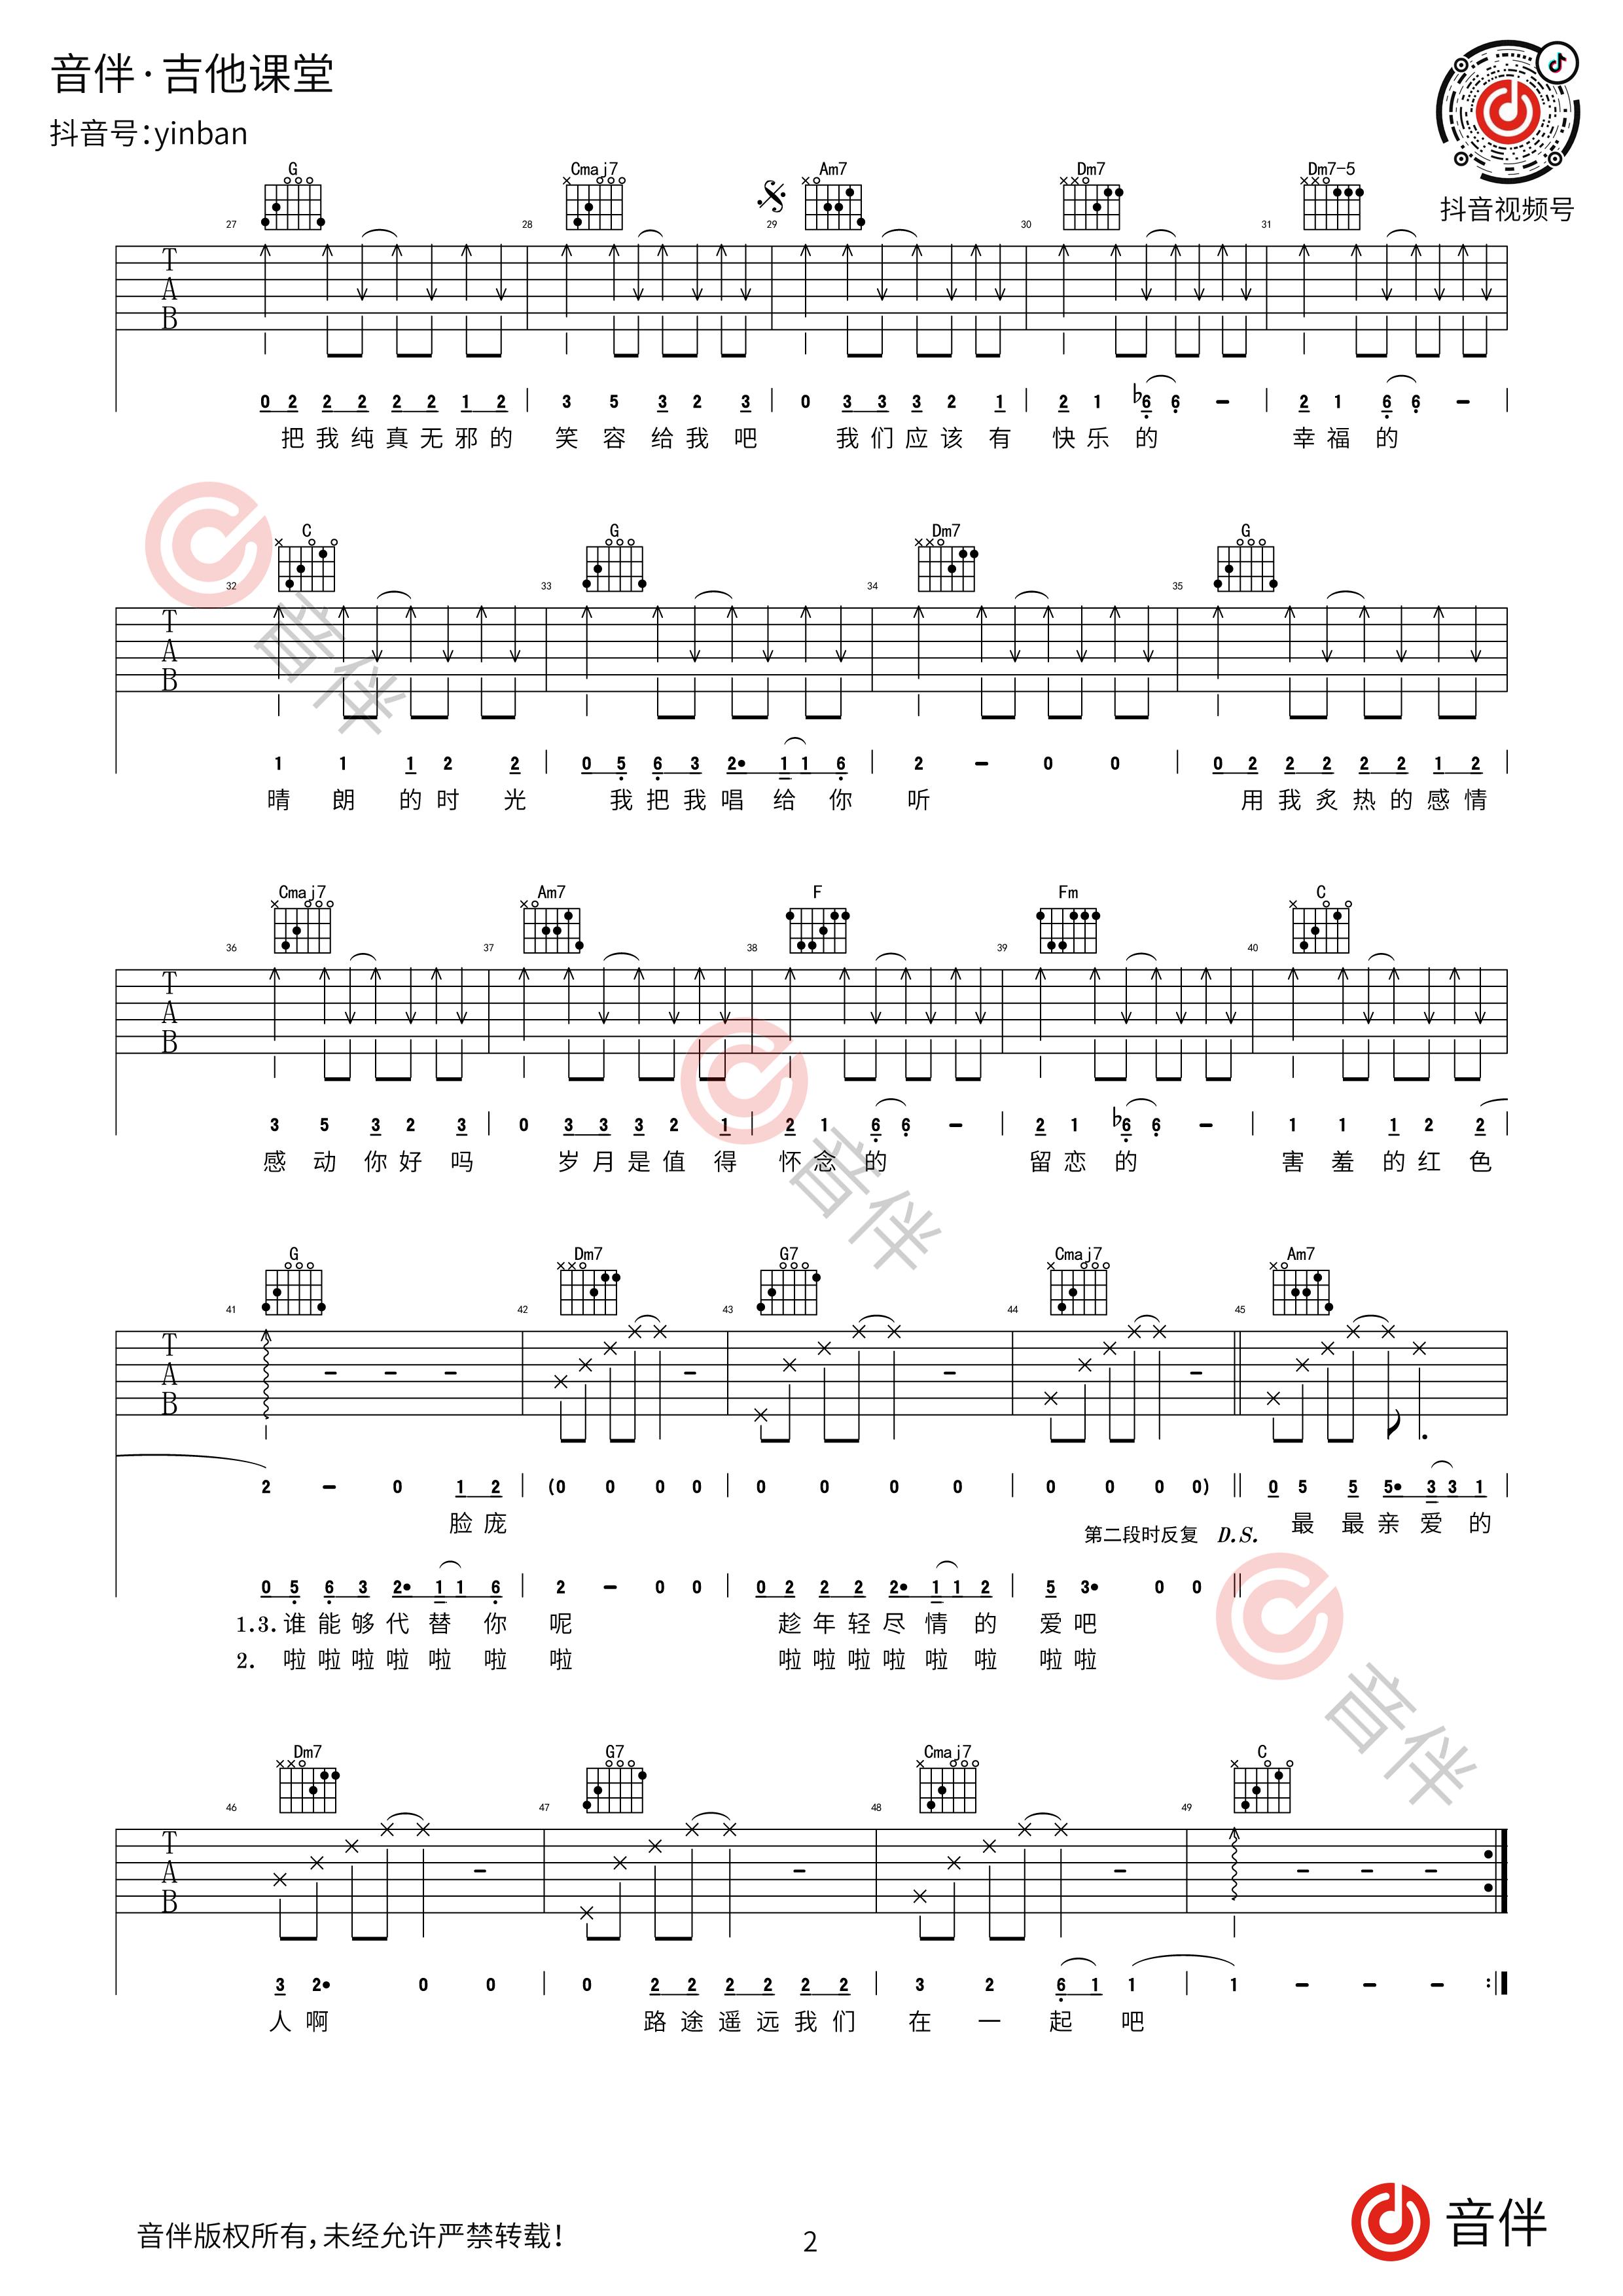 想把我唱给你听吉他谱2